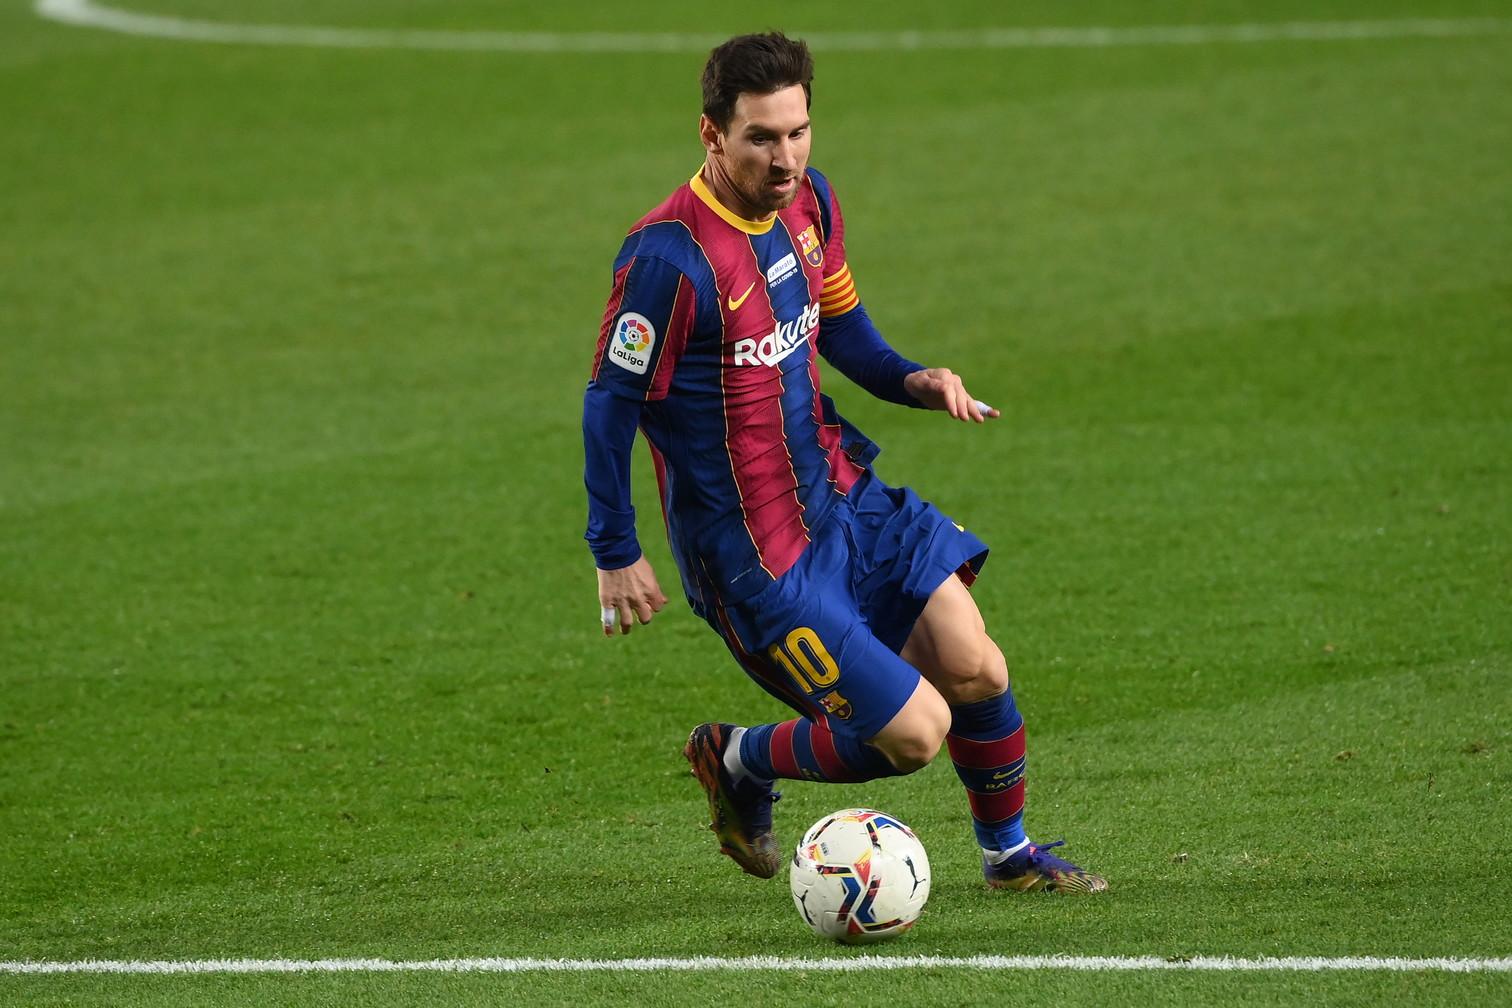 5) Messi - Barcellona: 4293'